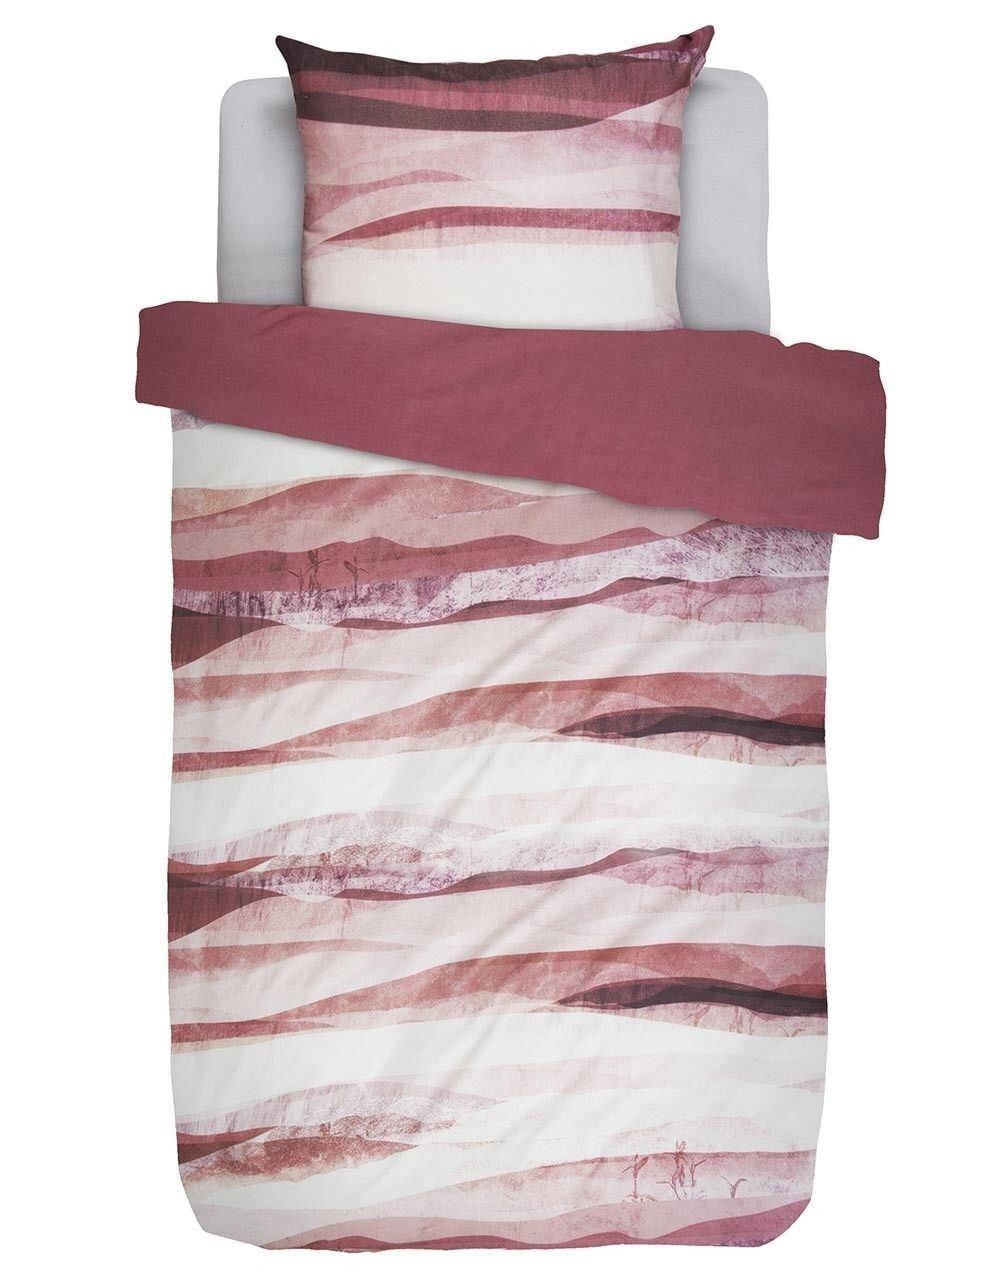 Vanezza FLANELLA Biber d'onda Lenzuola bryhm rosso winterrosso d'onda Biber 155x220 cm 2 pezzi a0de26